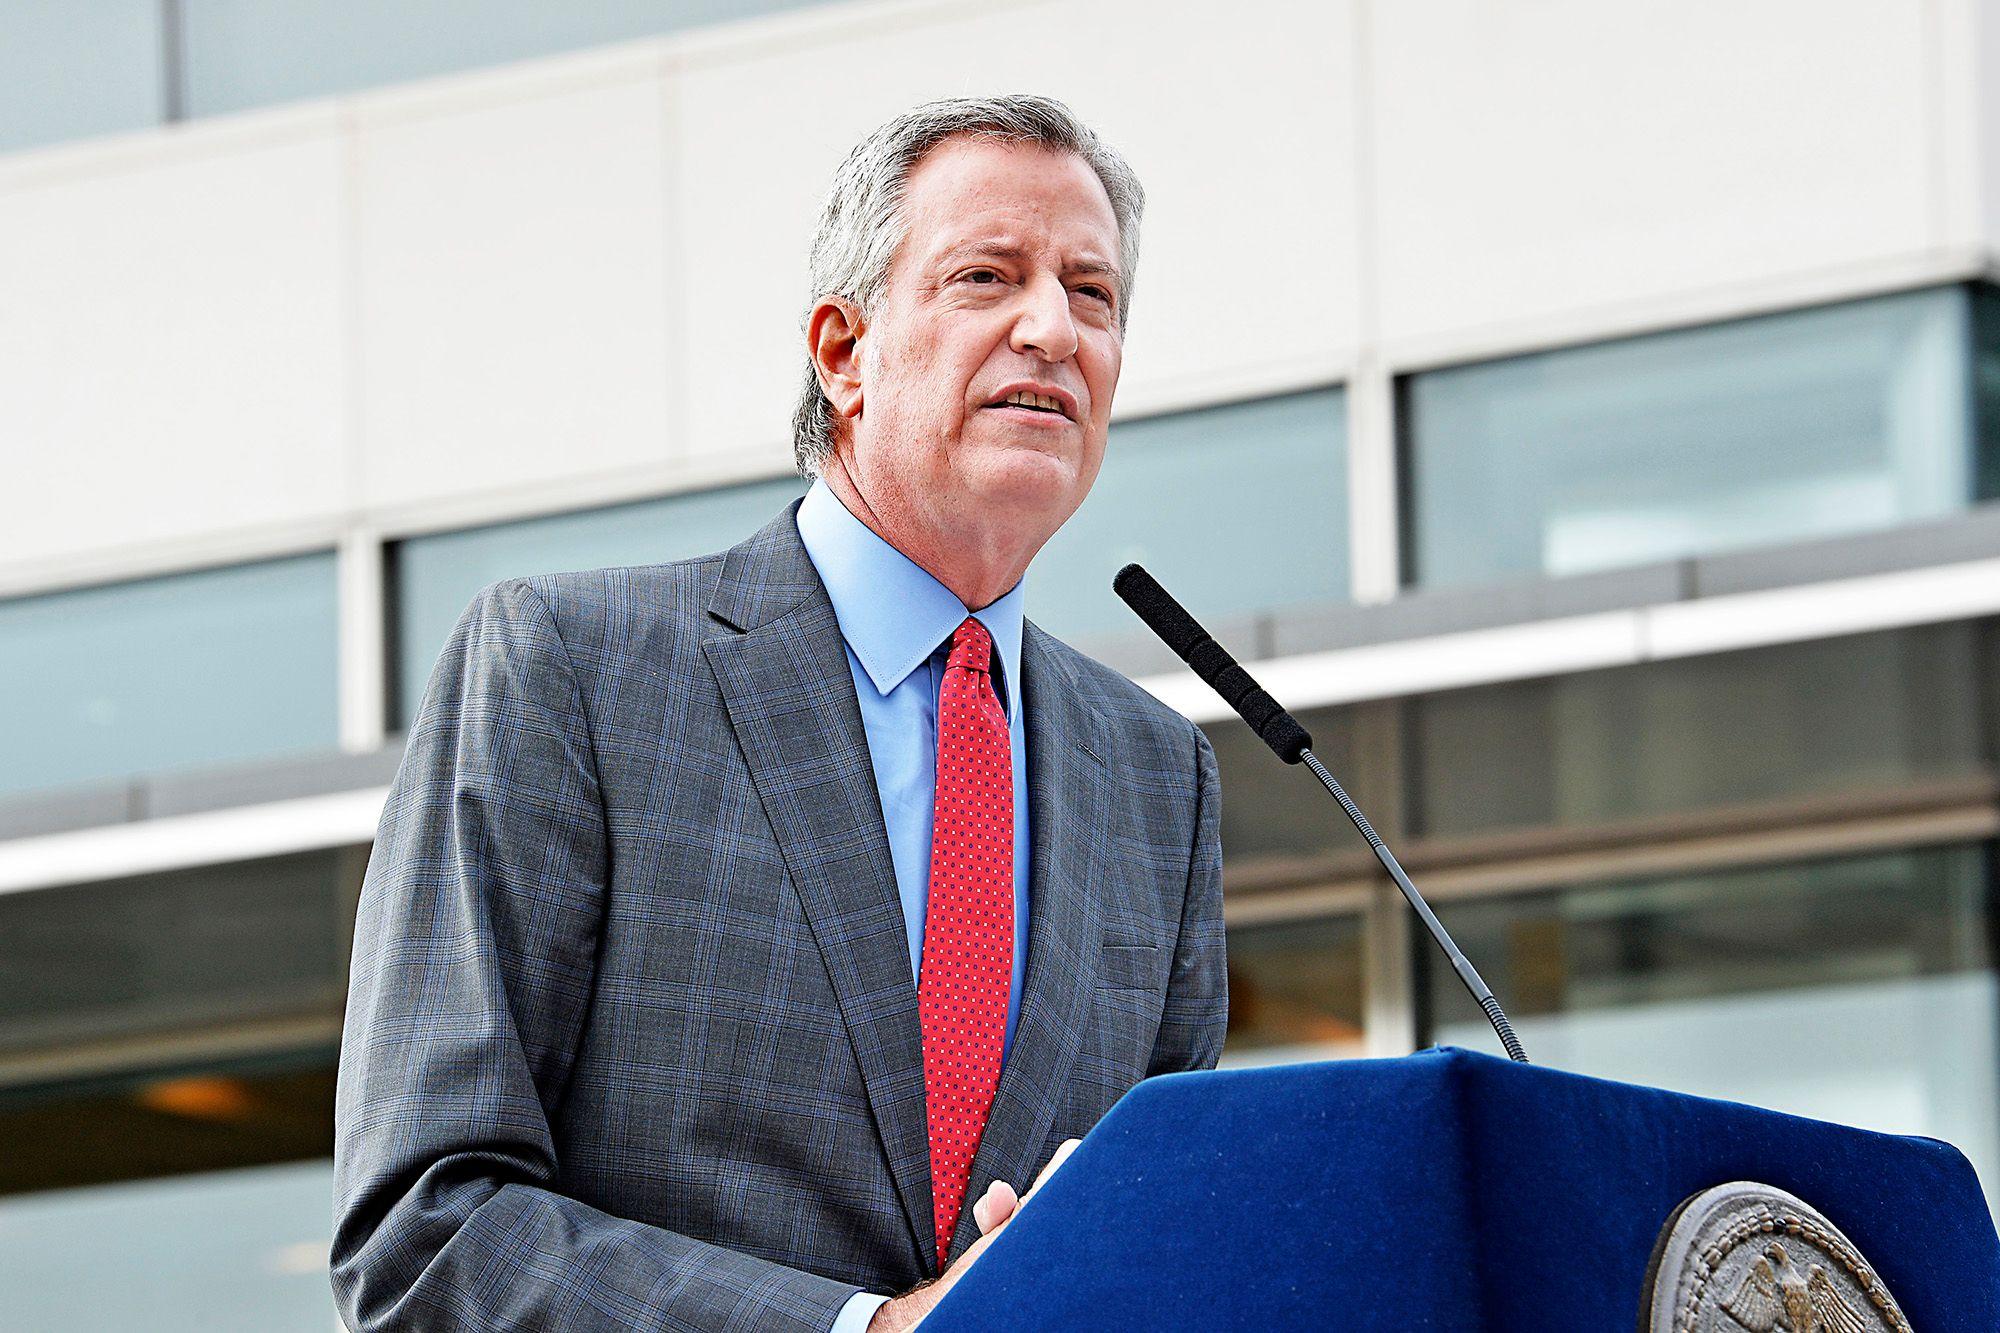 نيويورك تعتزم إغلاق المدارس والمتاجر والشركات الأربعاء المقبل بسبب كورونا